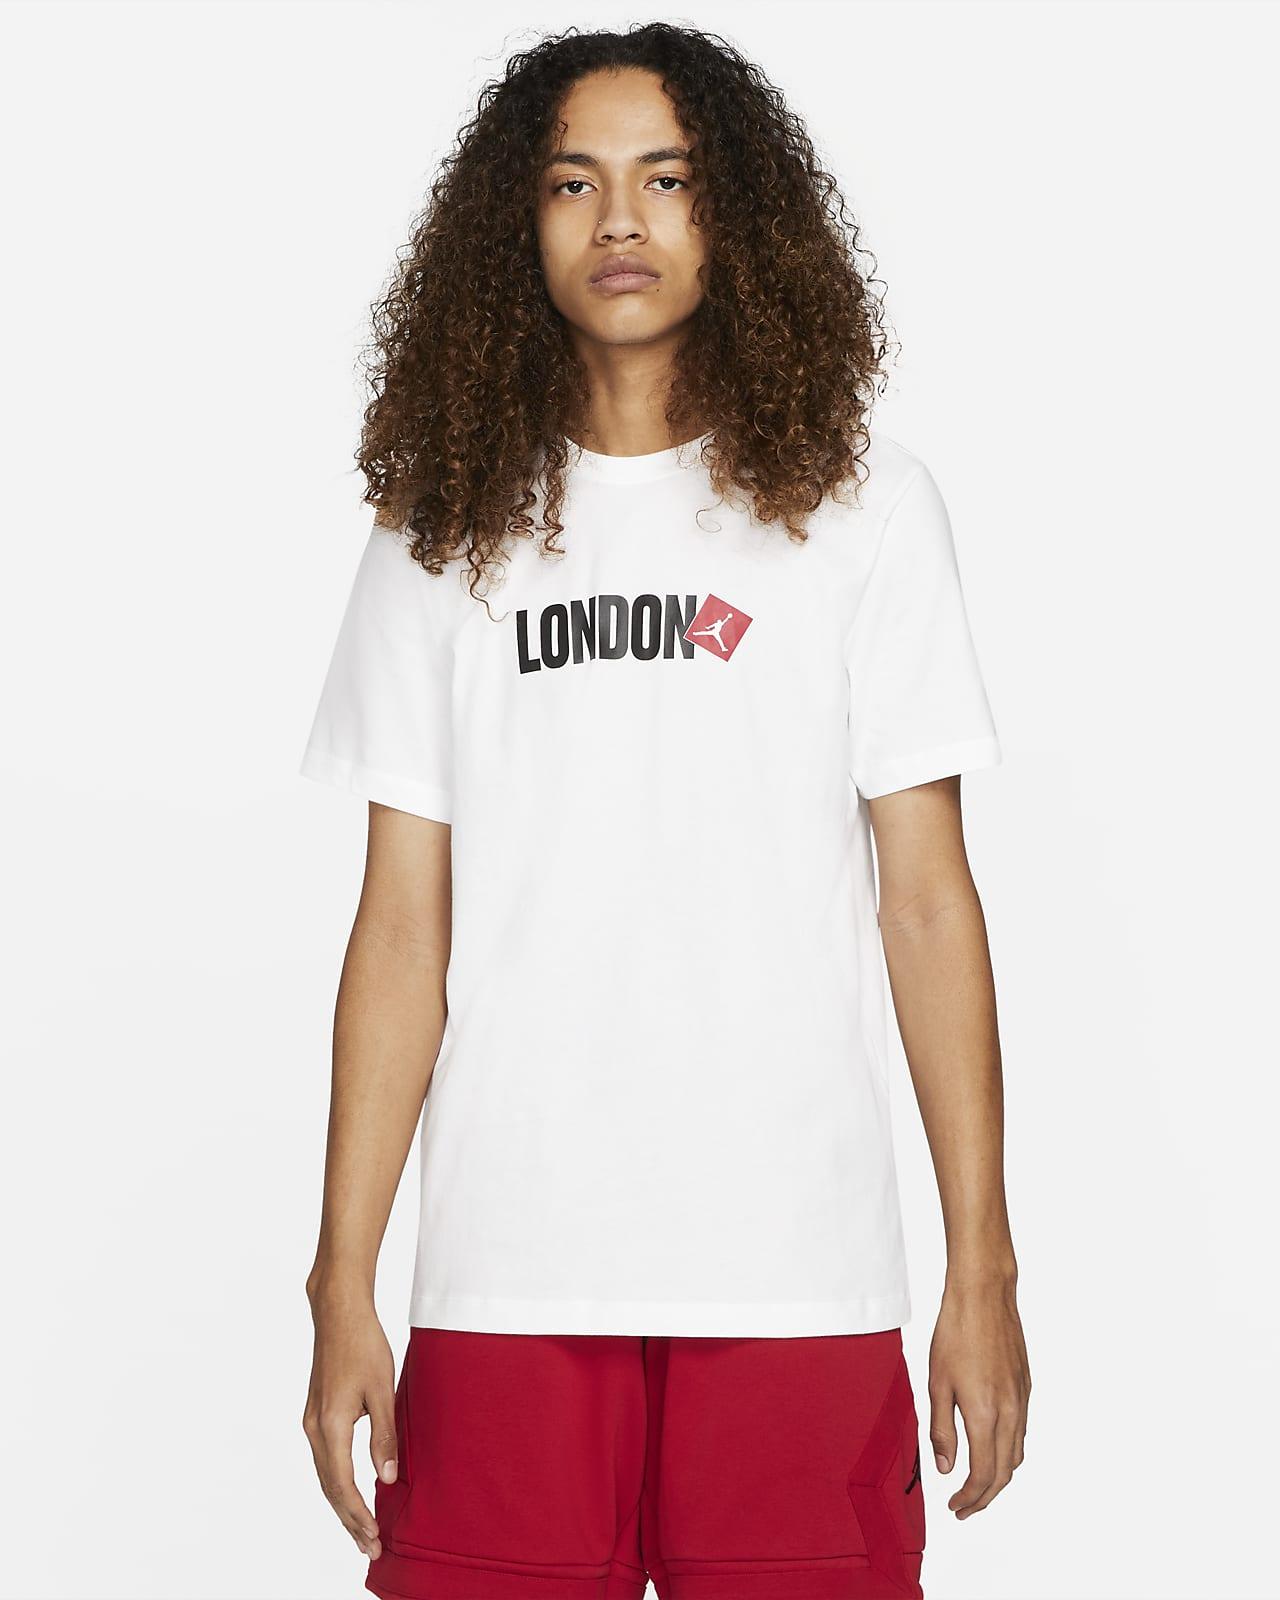 Jordan London Men's Short-Sleeve T-Shirt